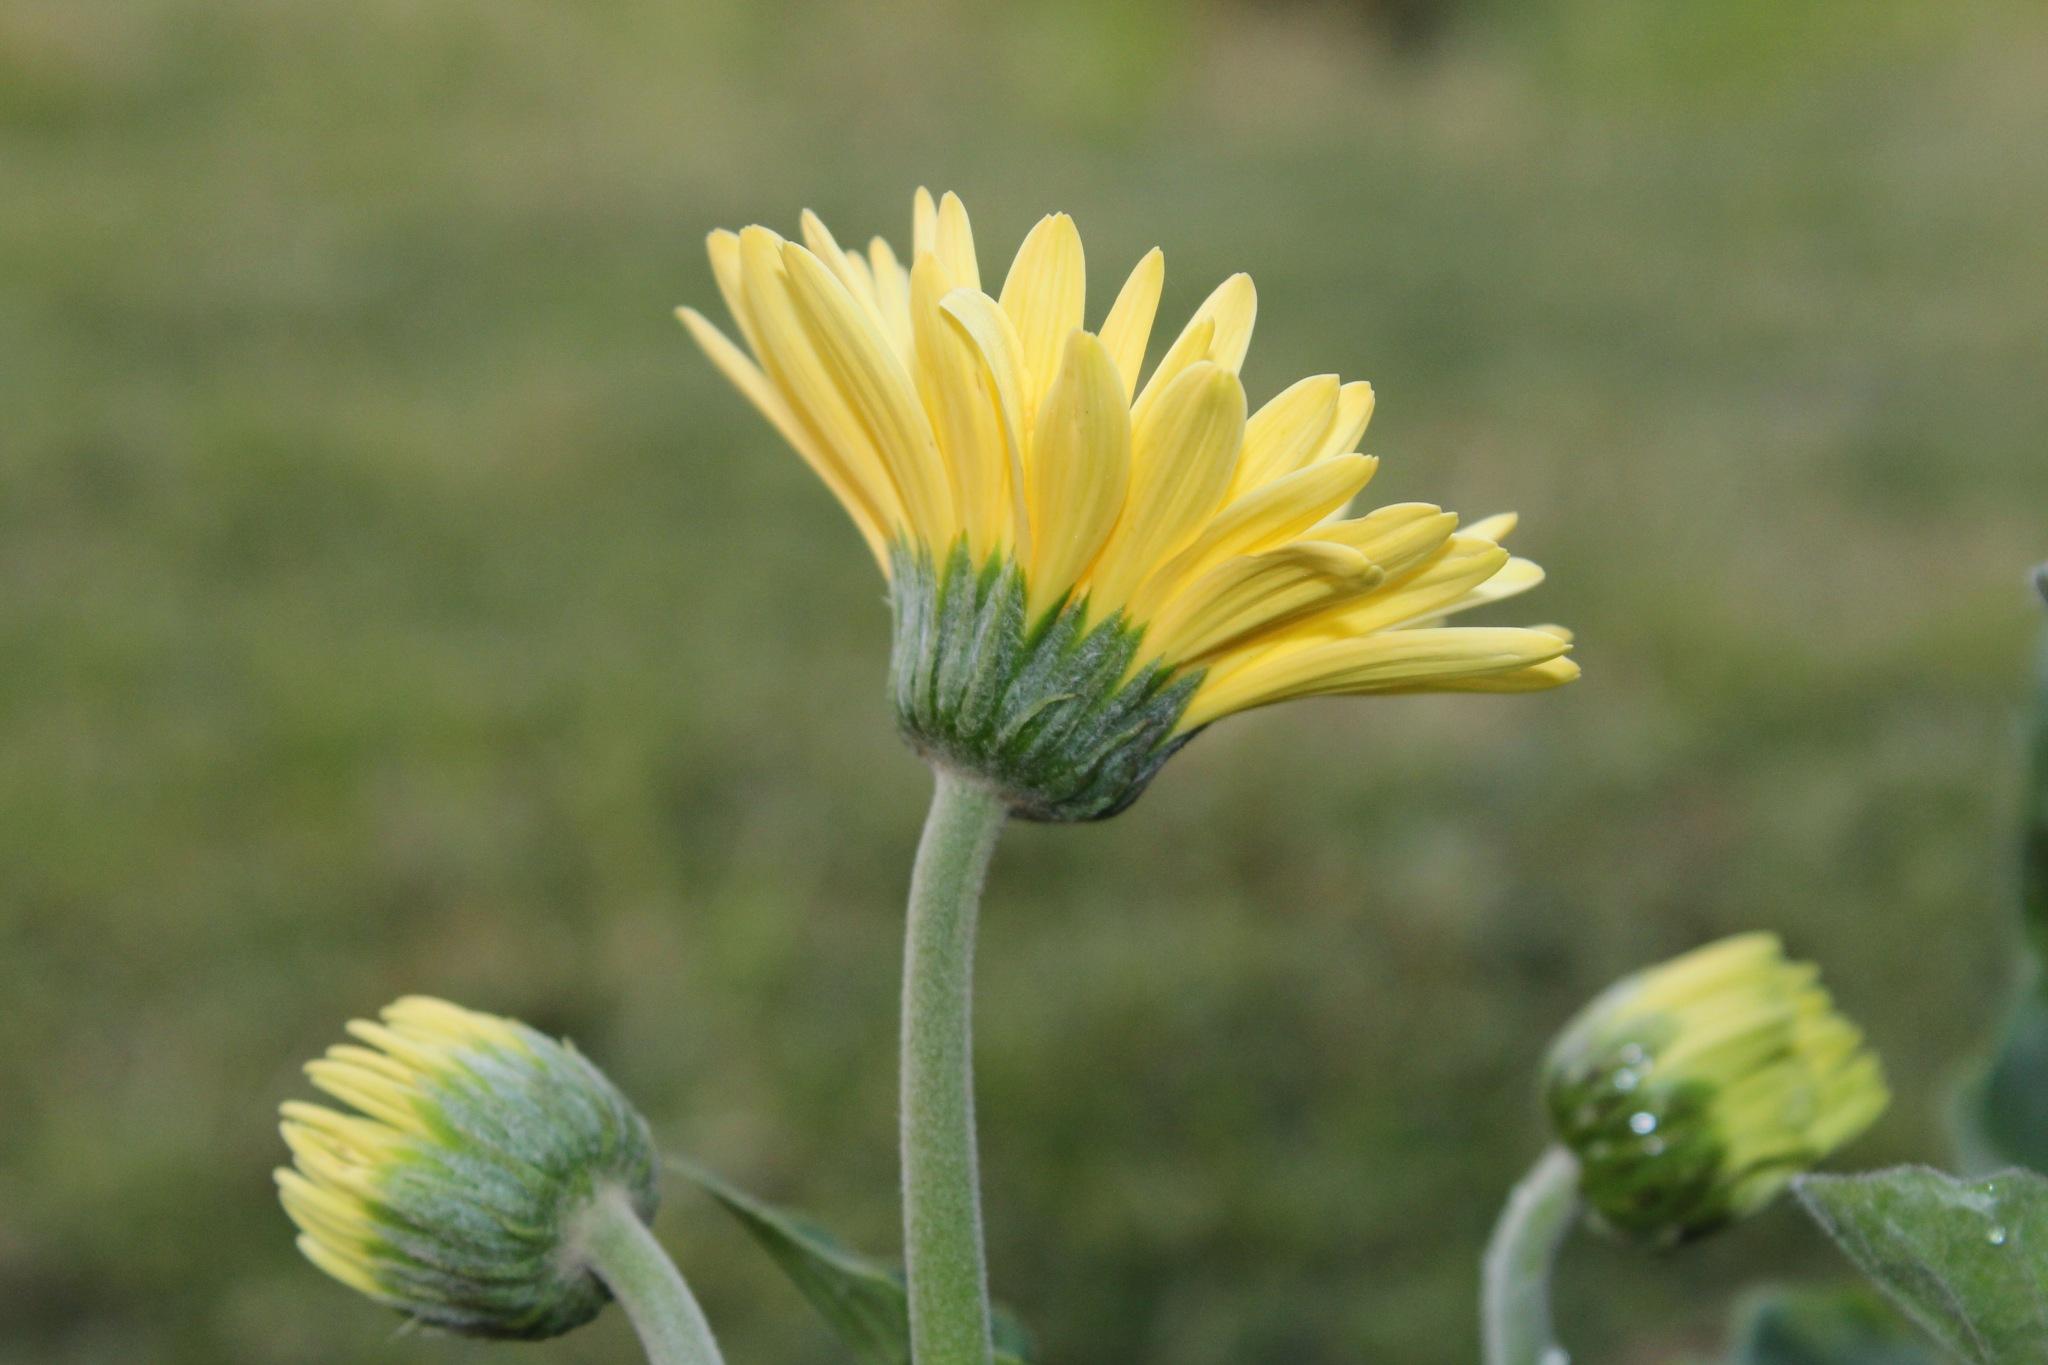 Yellow Gerbera by Yeakuty Jhanker